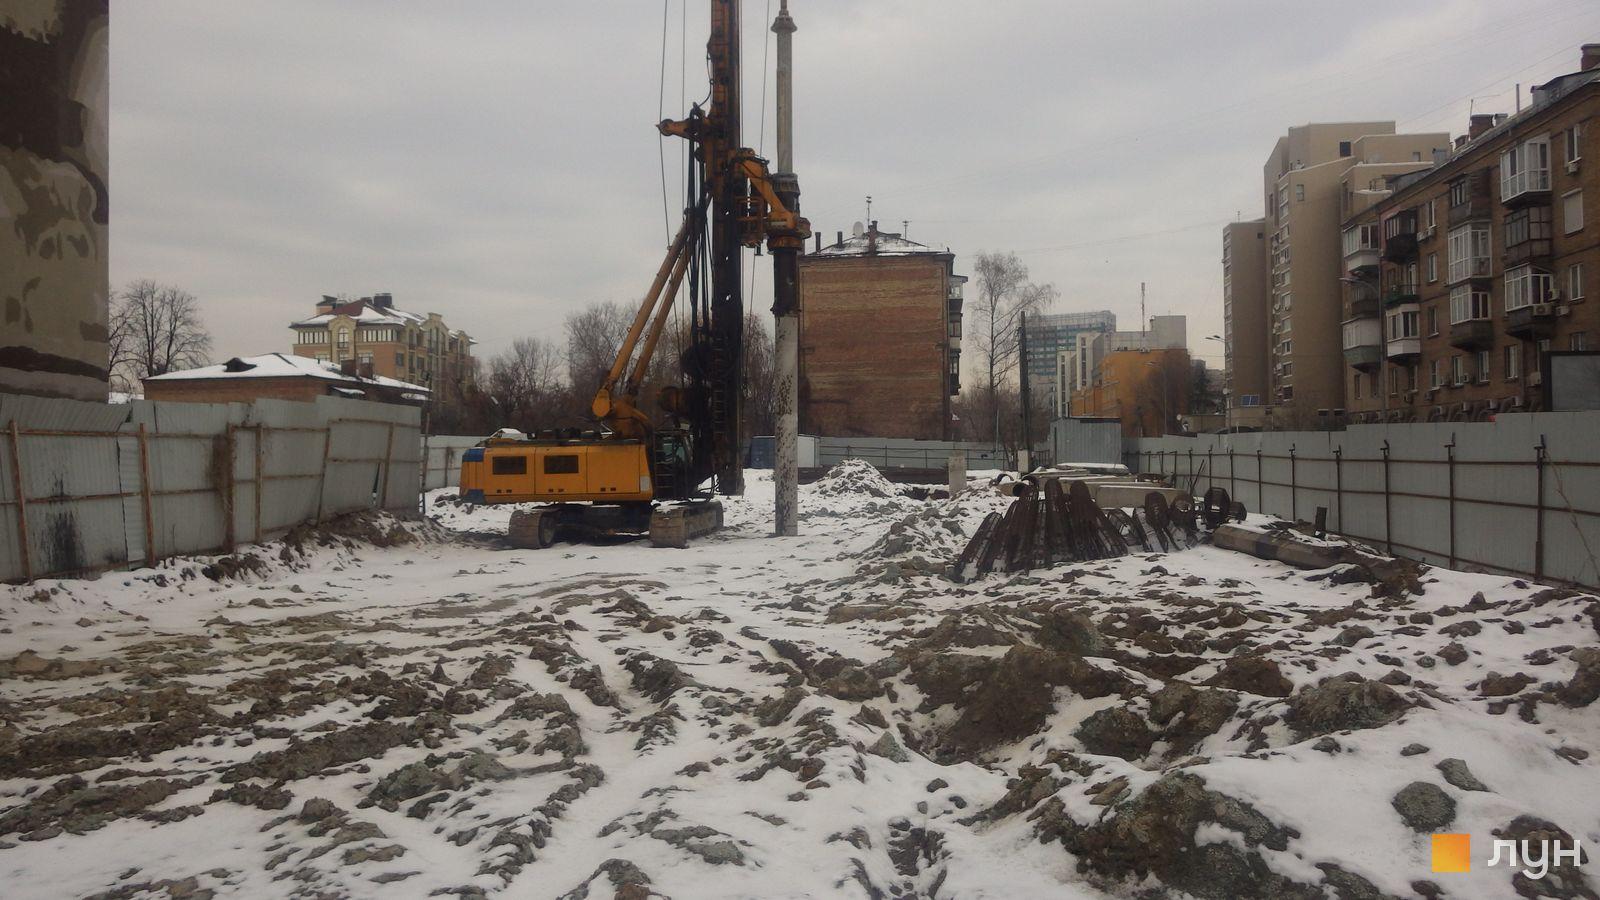 Ход строительства ул. Казимира Малевича, 44, 46, , январь 2019